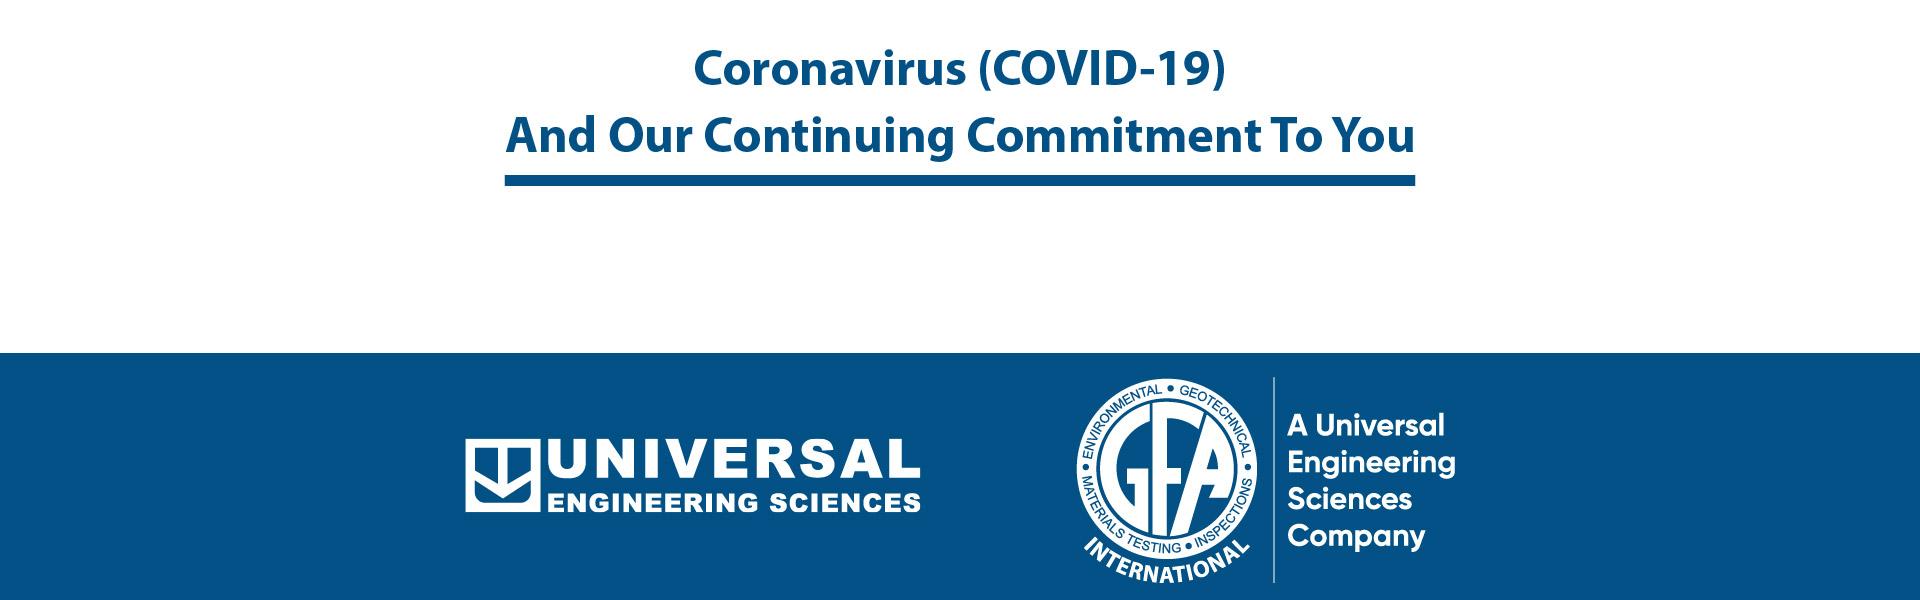 GFA_Covid-19_Response2-01